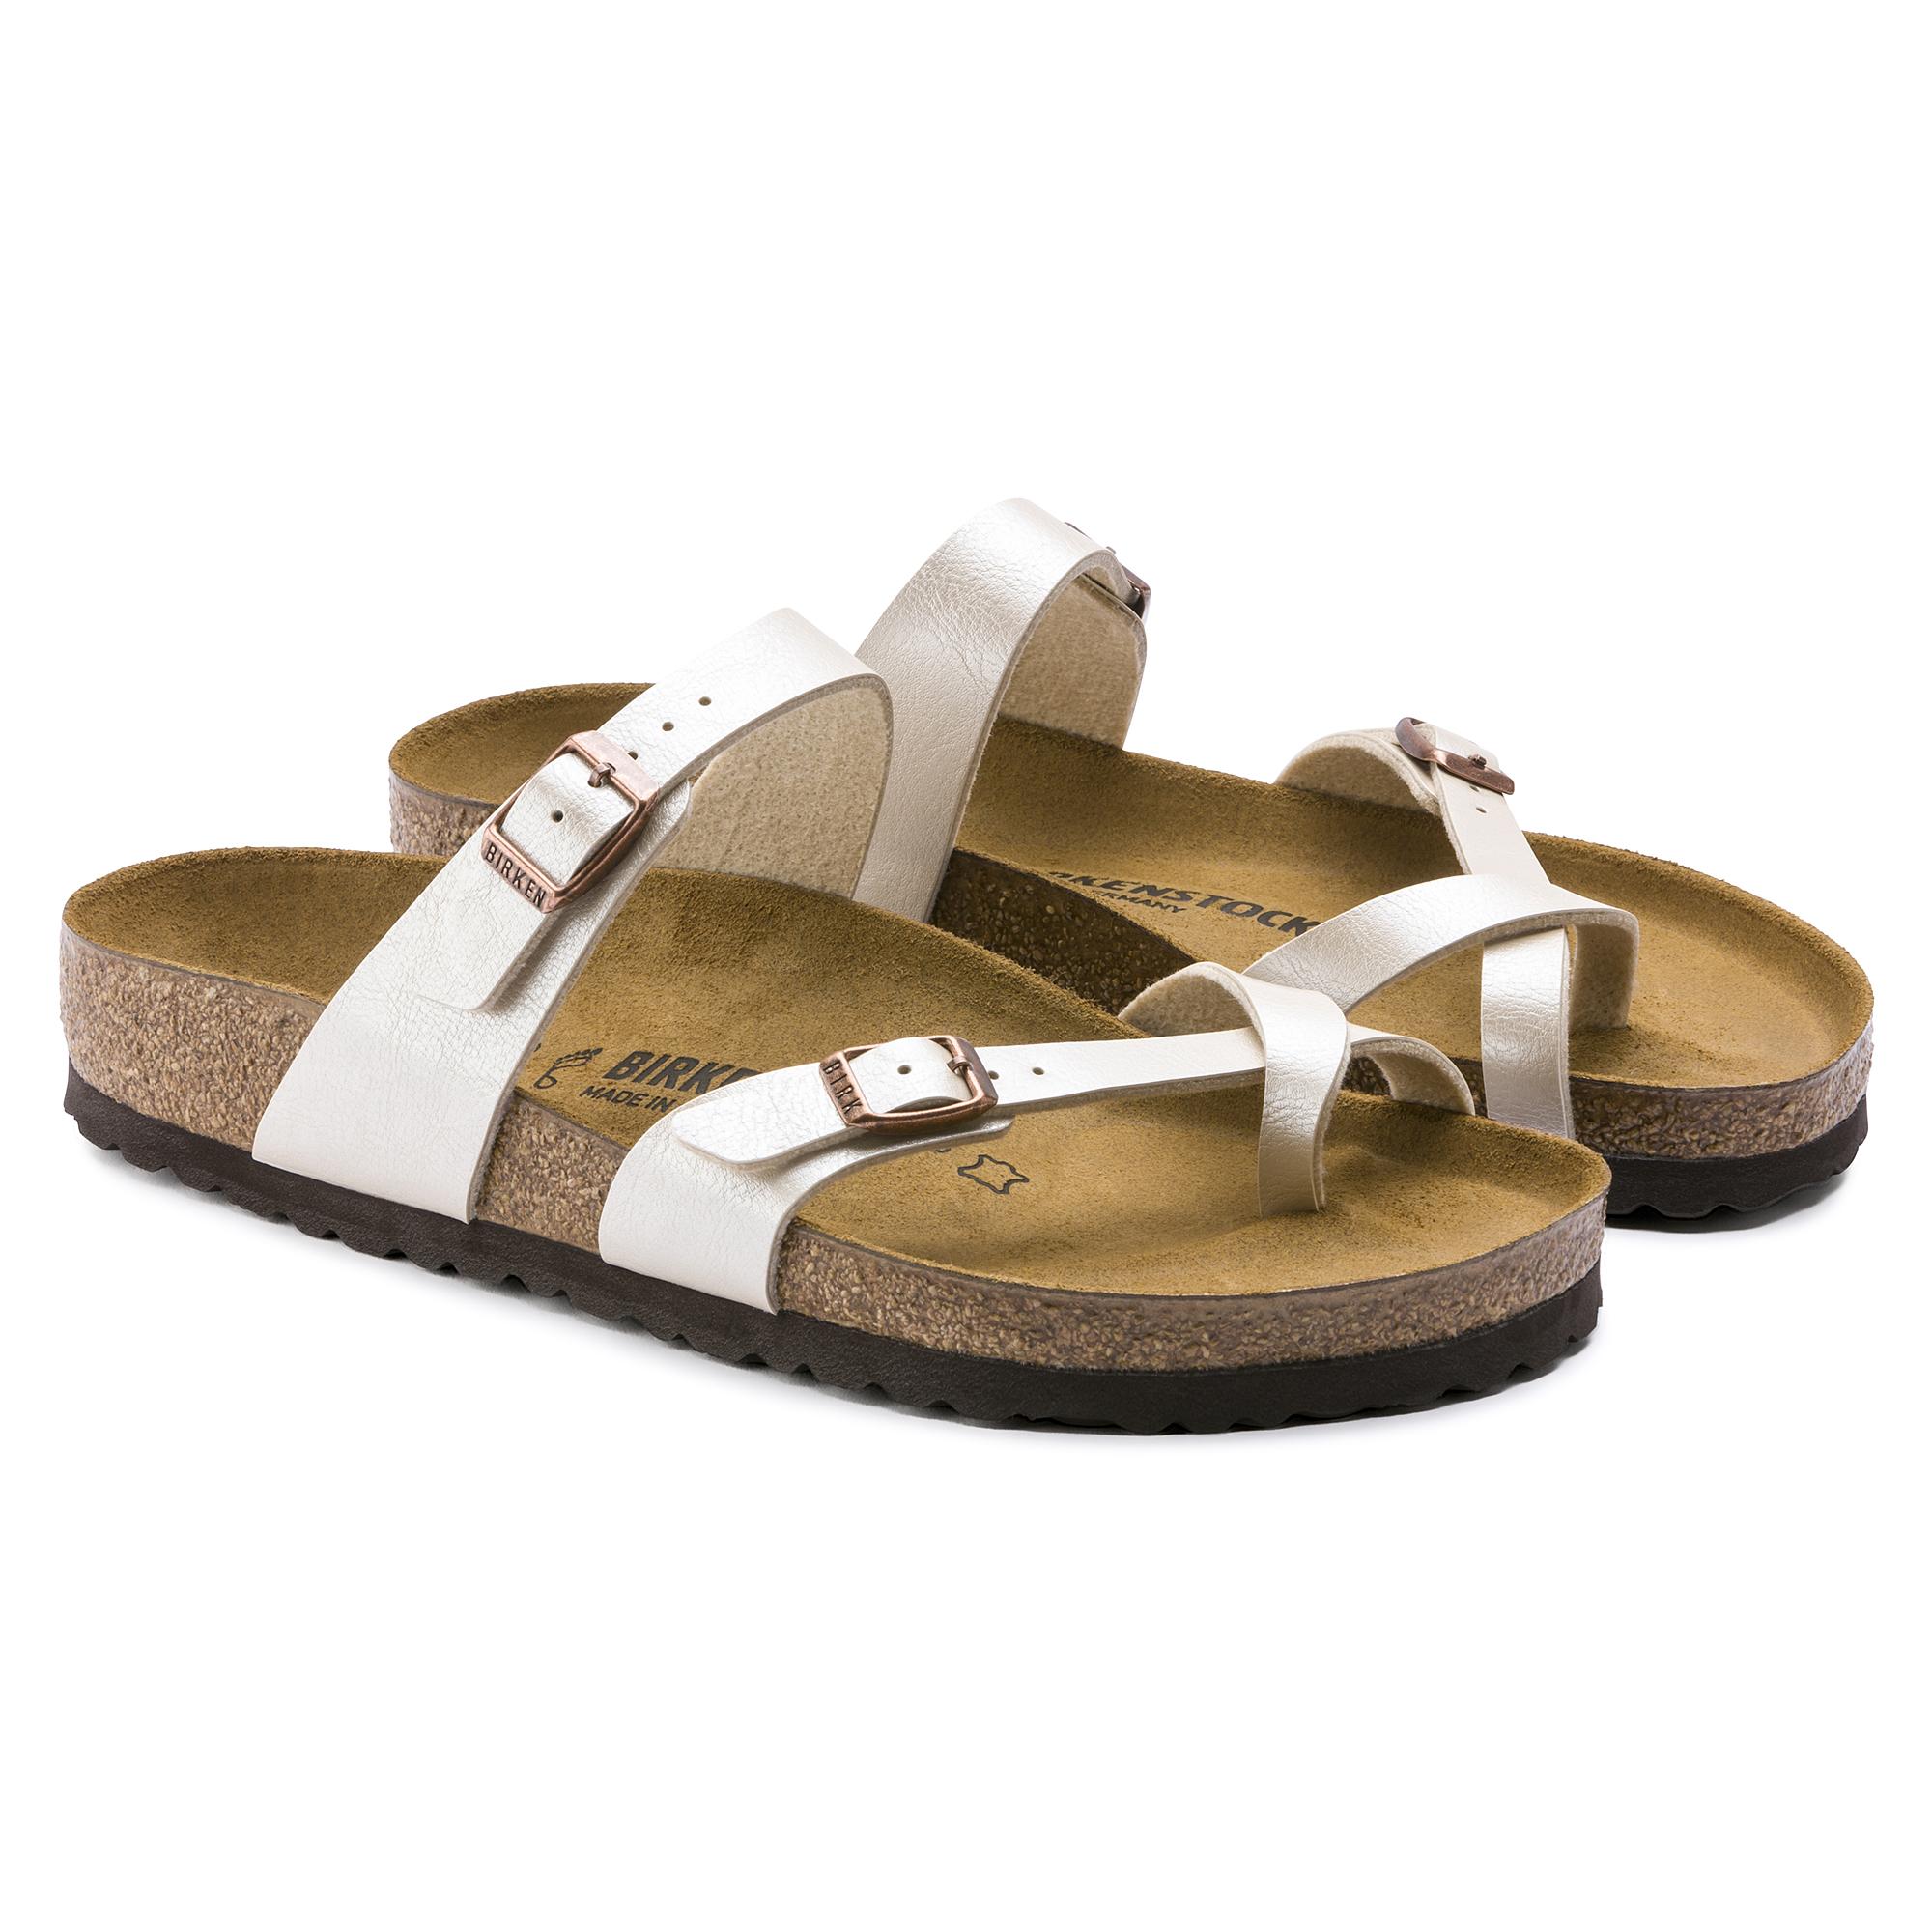 Birkenstock Mayari Birko flor, Tongs femme Chaussures et